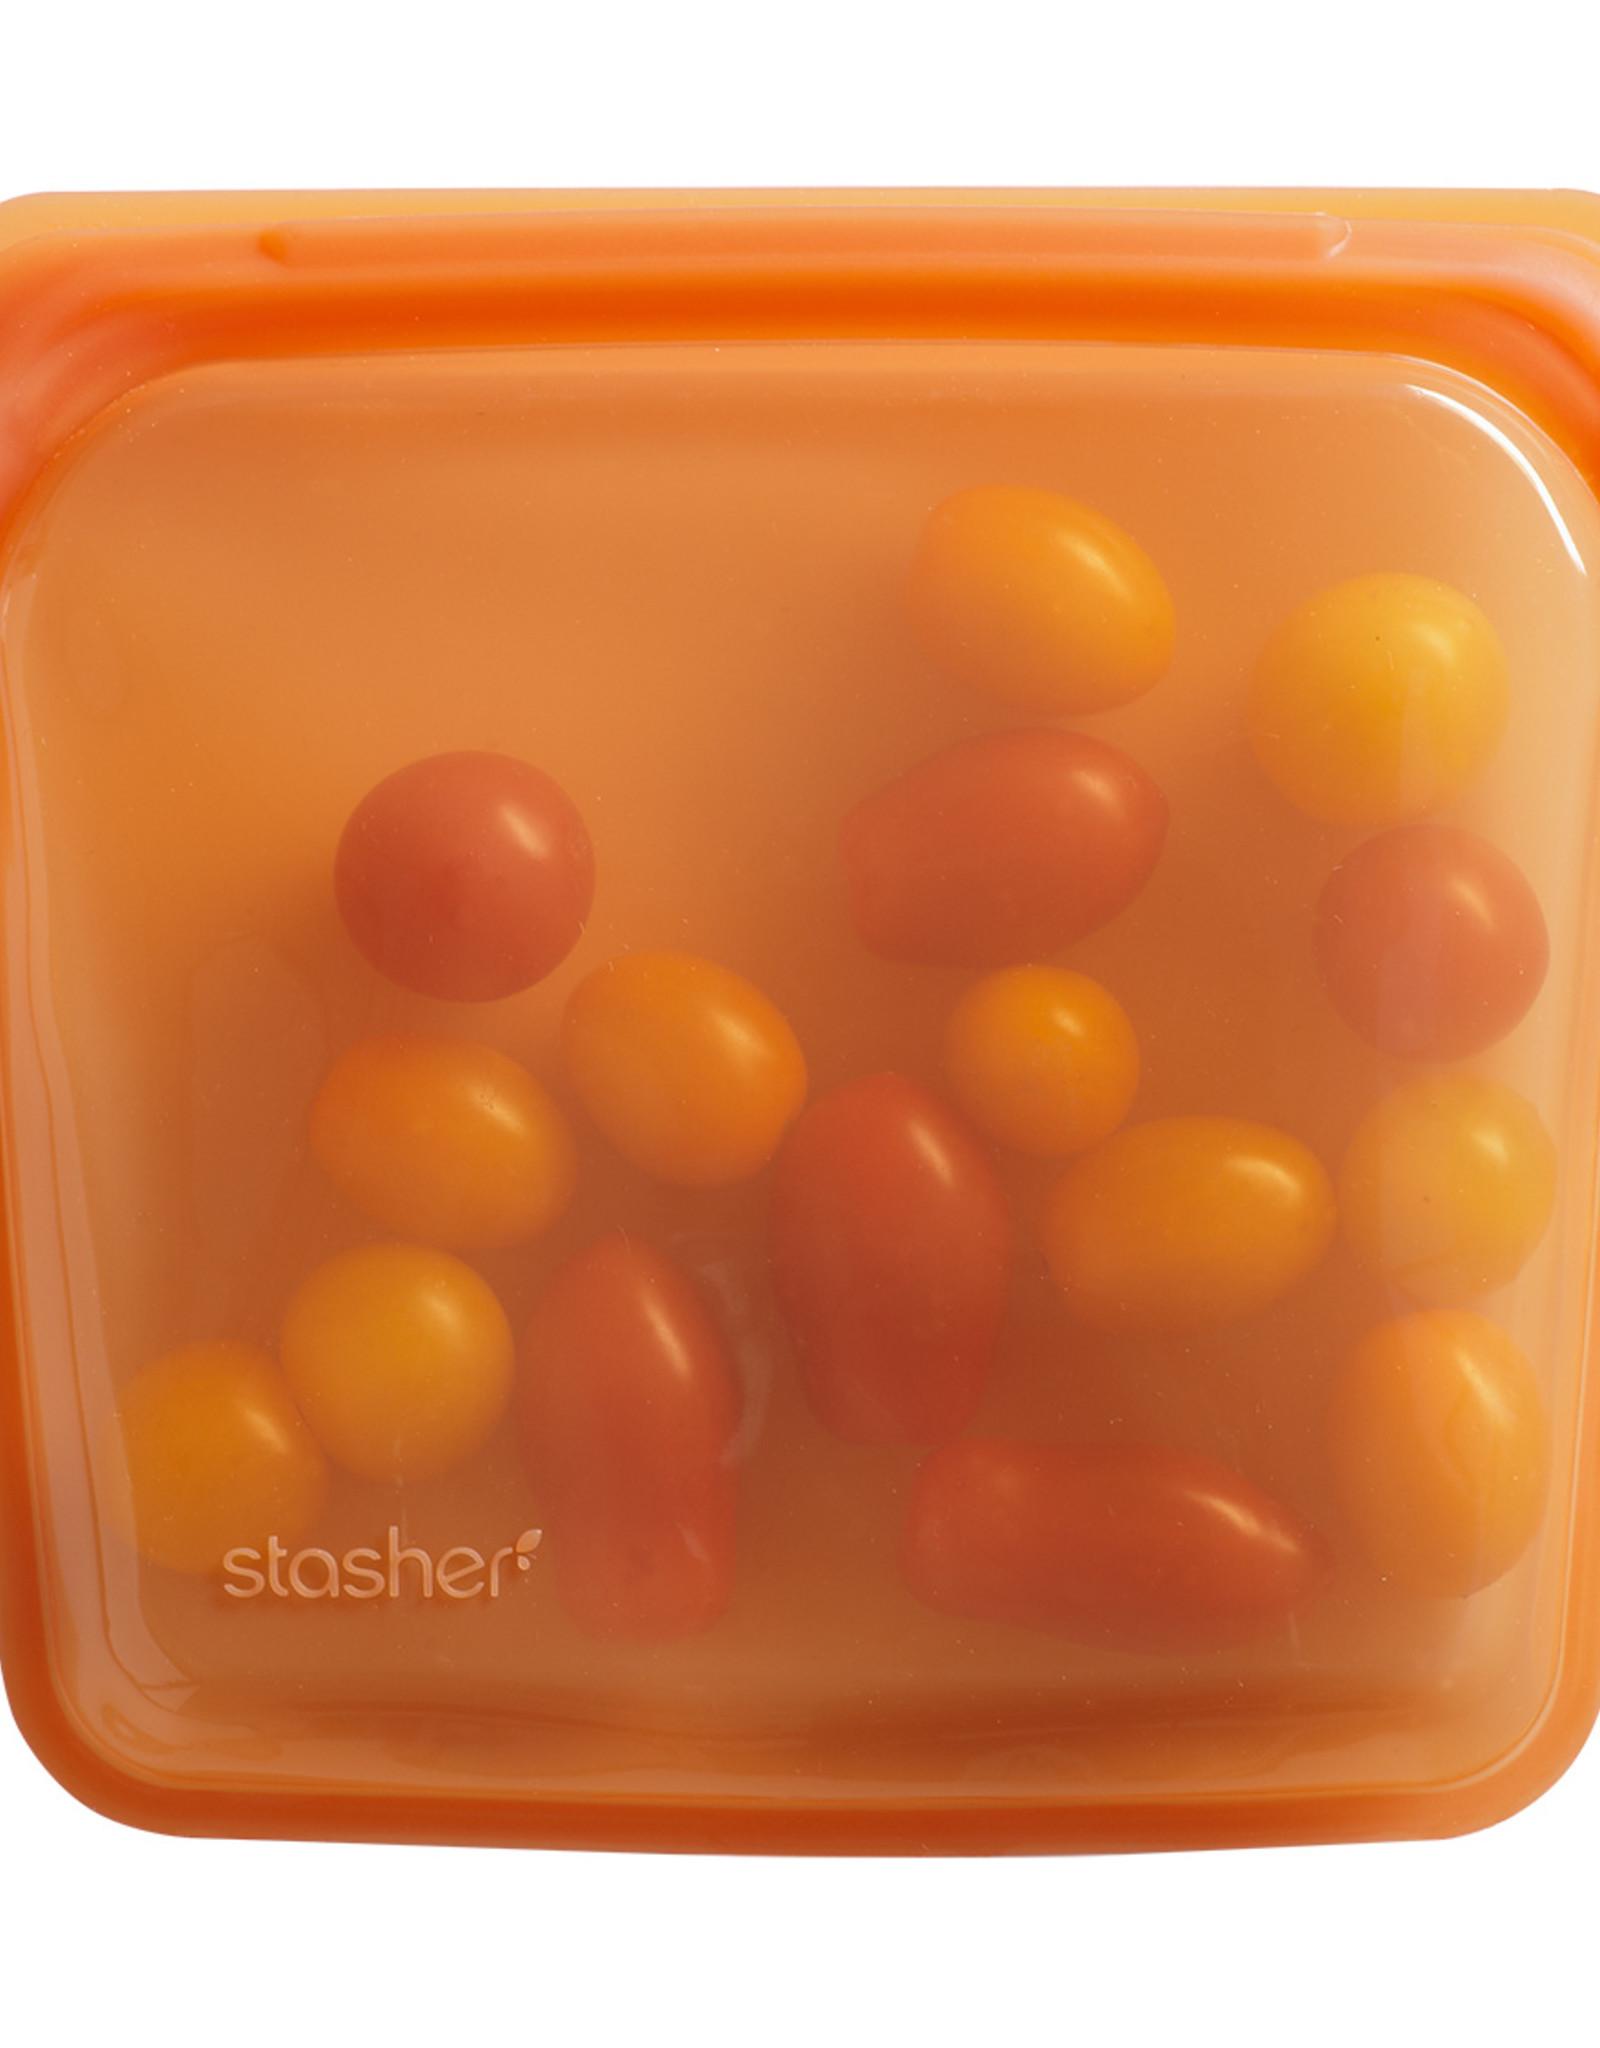 Stasher Bag Stasher bag - Amethyst